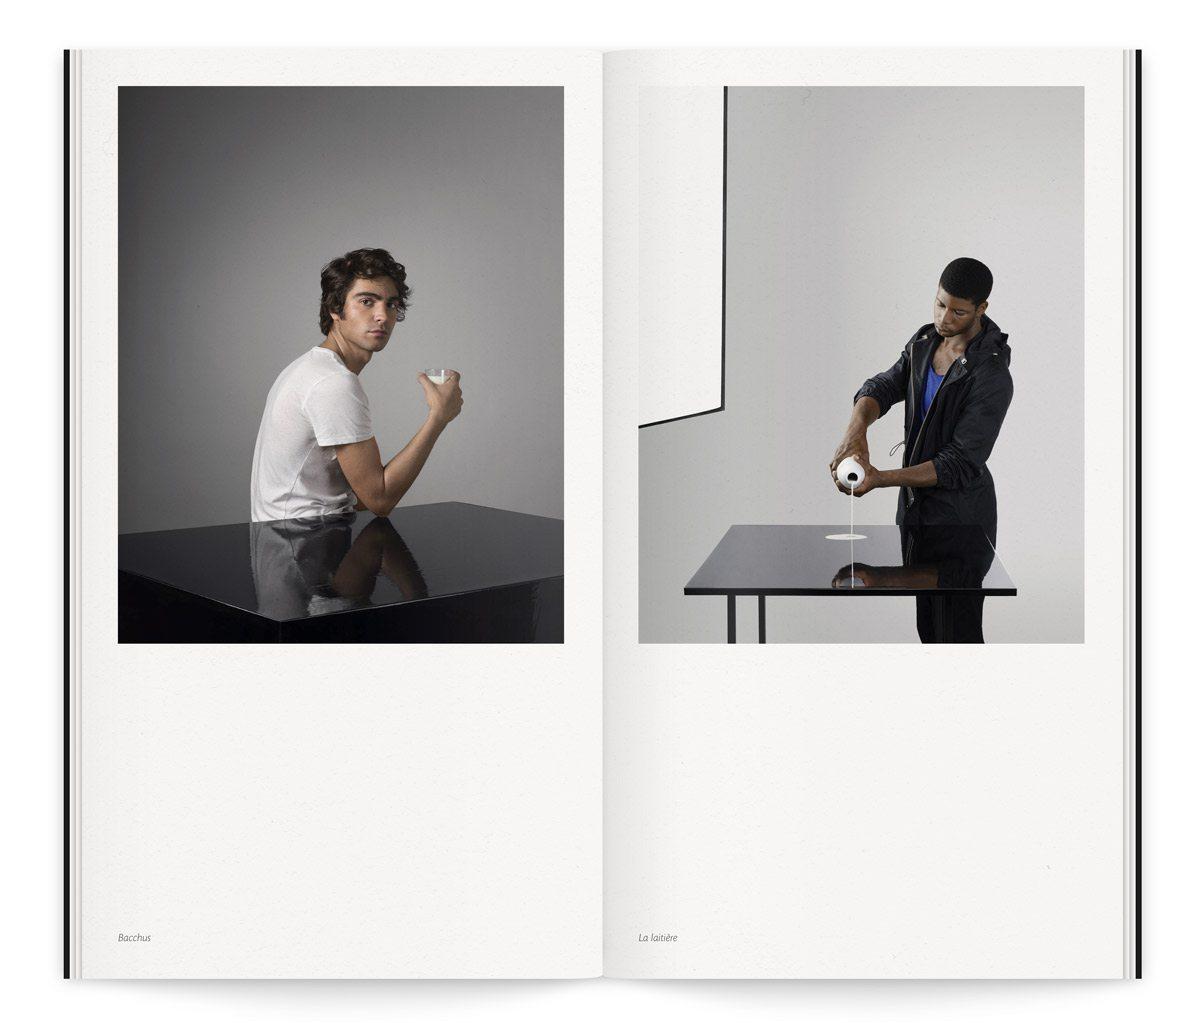 Catalogue de l'exposition Lac de Colombe Clier, texte de Yves Mirande. Une mise en page pure et délicate, design Ich&Kar